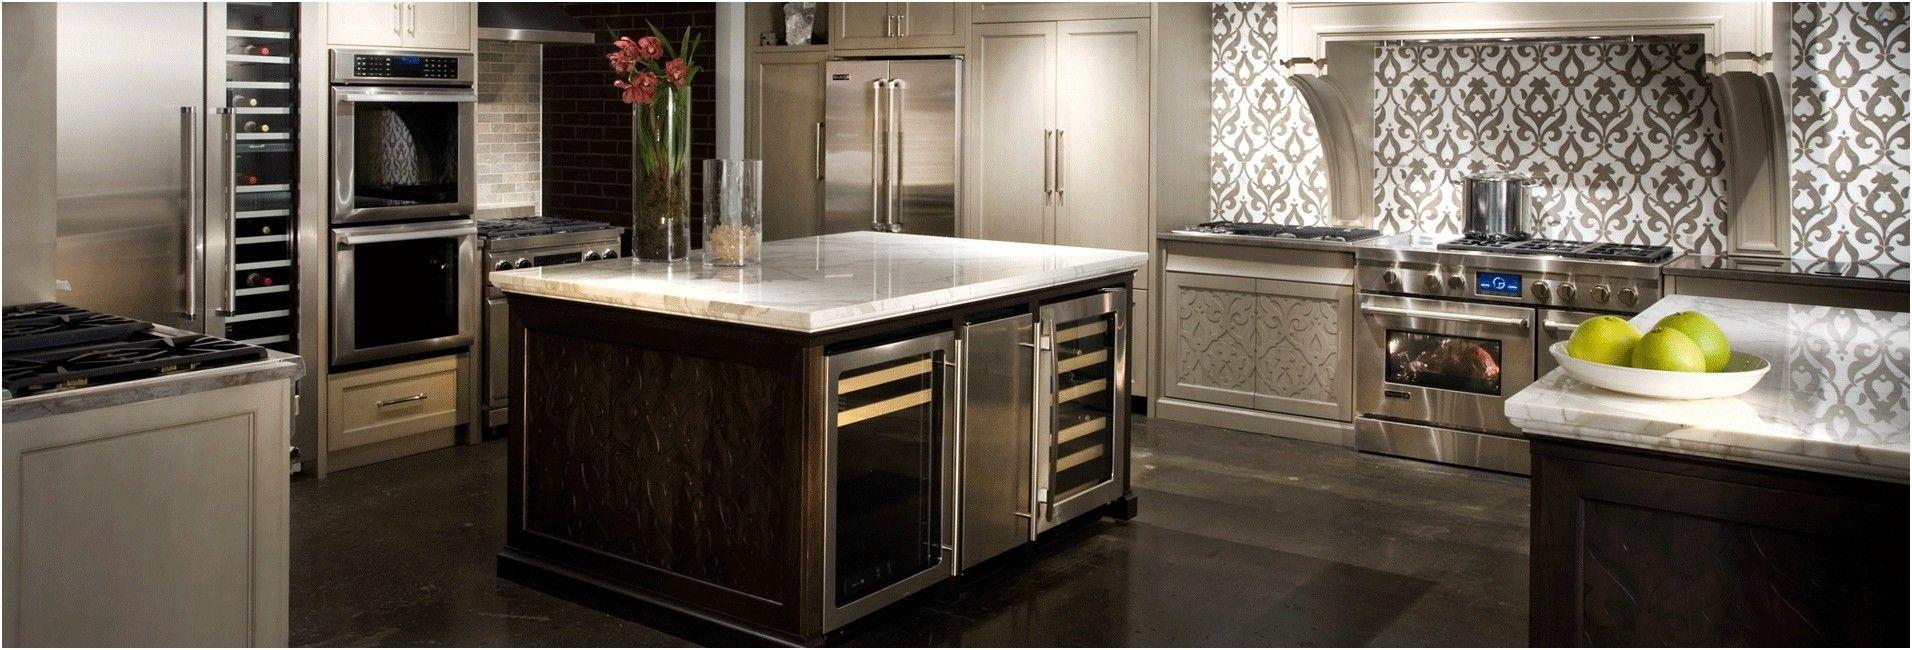 Beau High End Kitchen Appliances Atlanta Ga Appliances Ideas From Kitchen  Appliances Atlanta